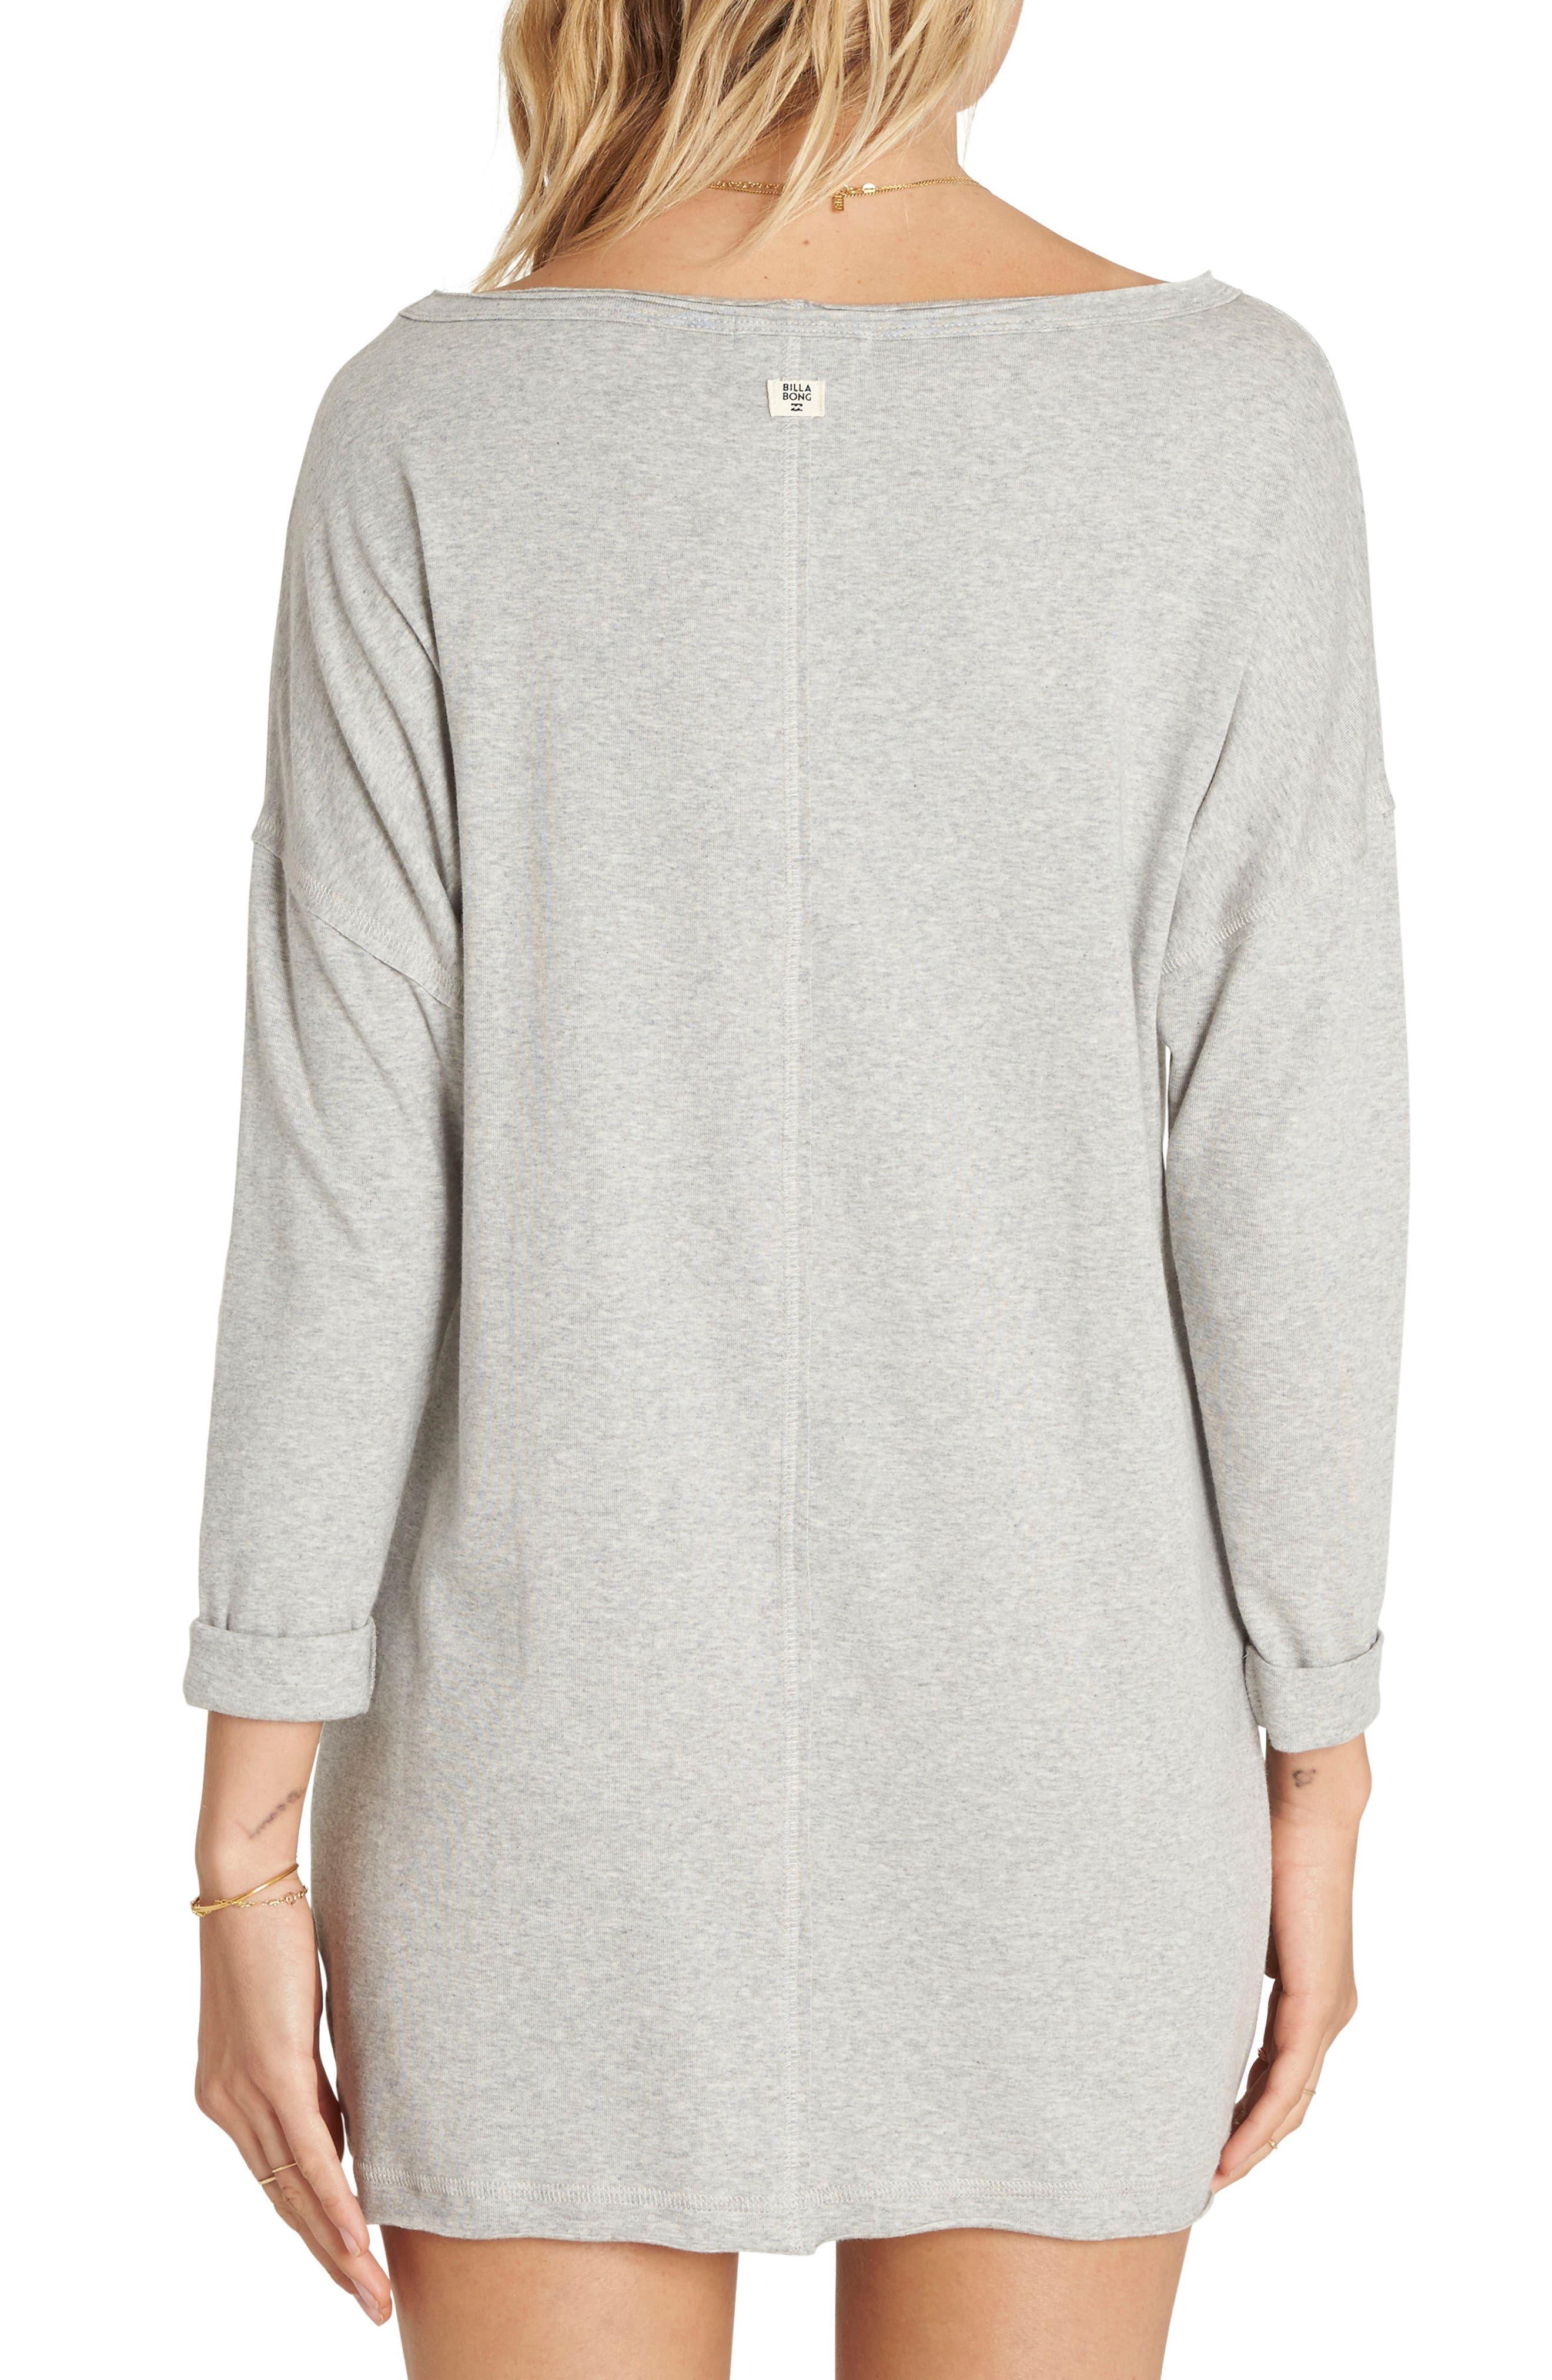 Alternate Image 2  - Billabong Only One T-Shirt Dress